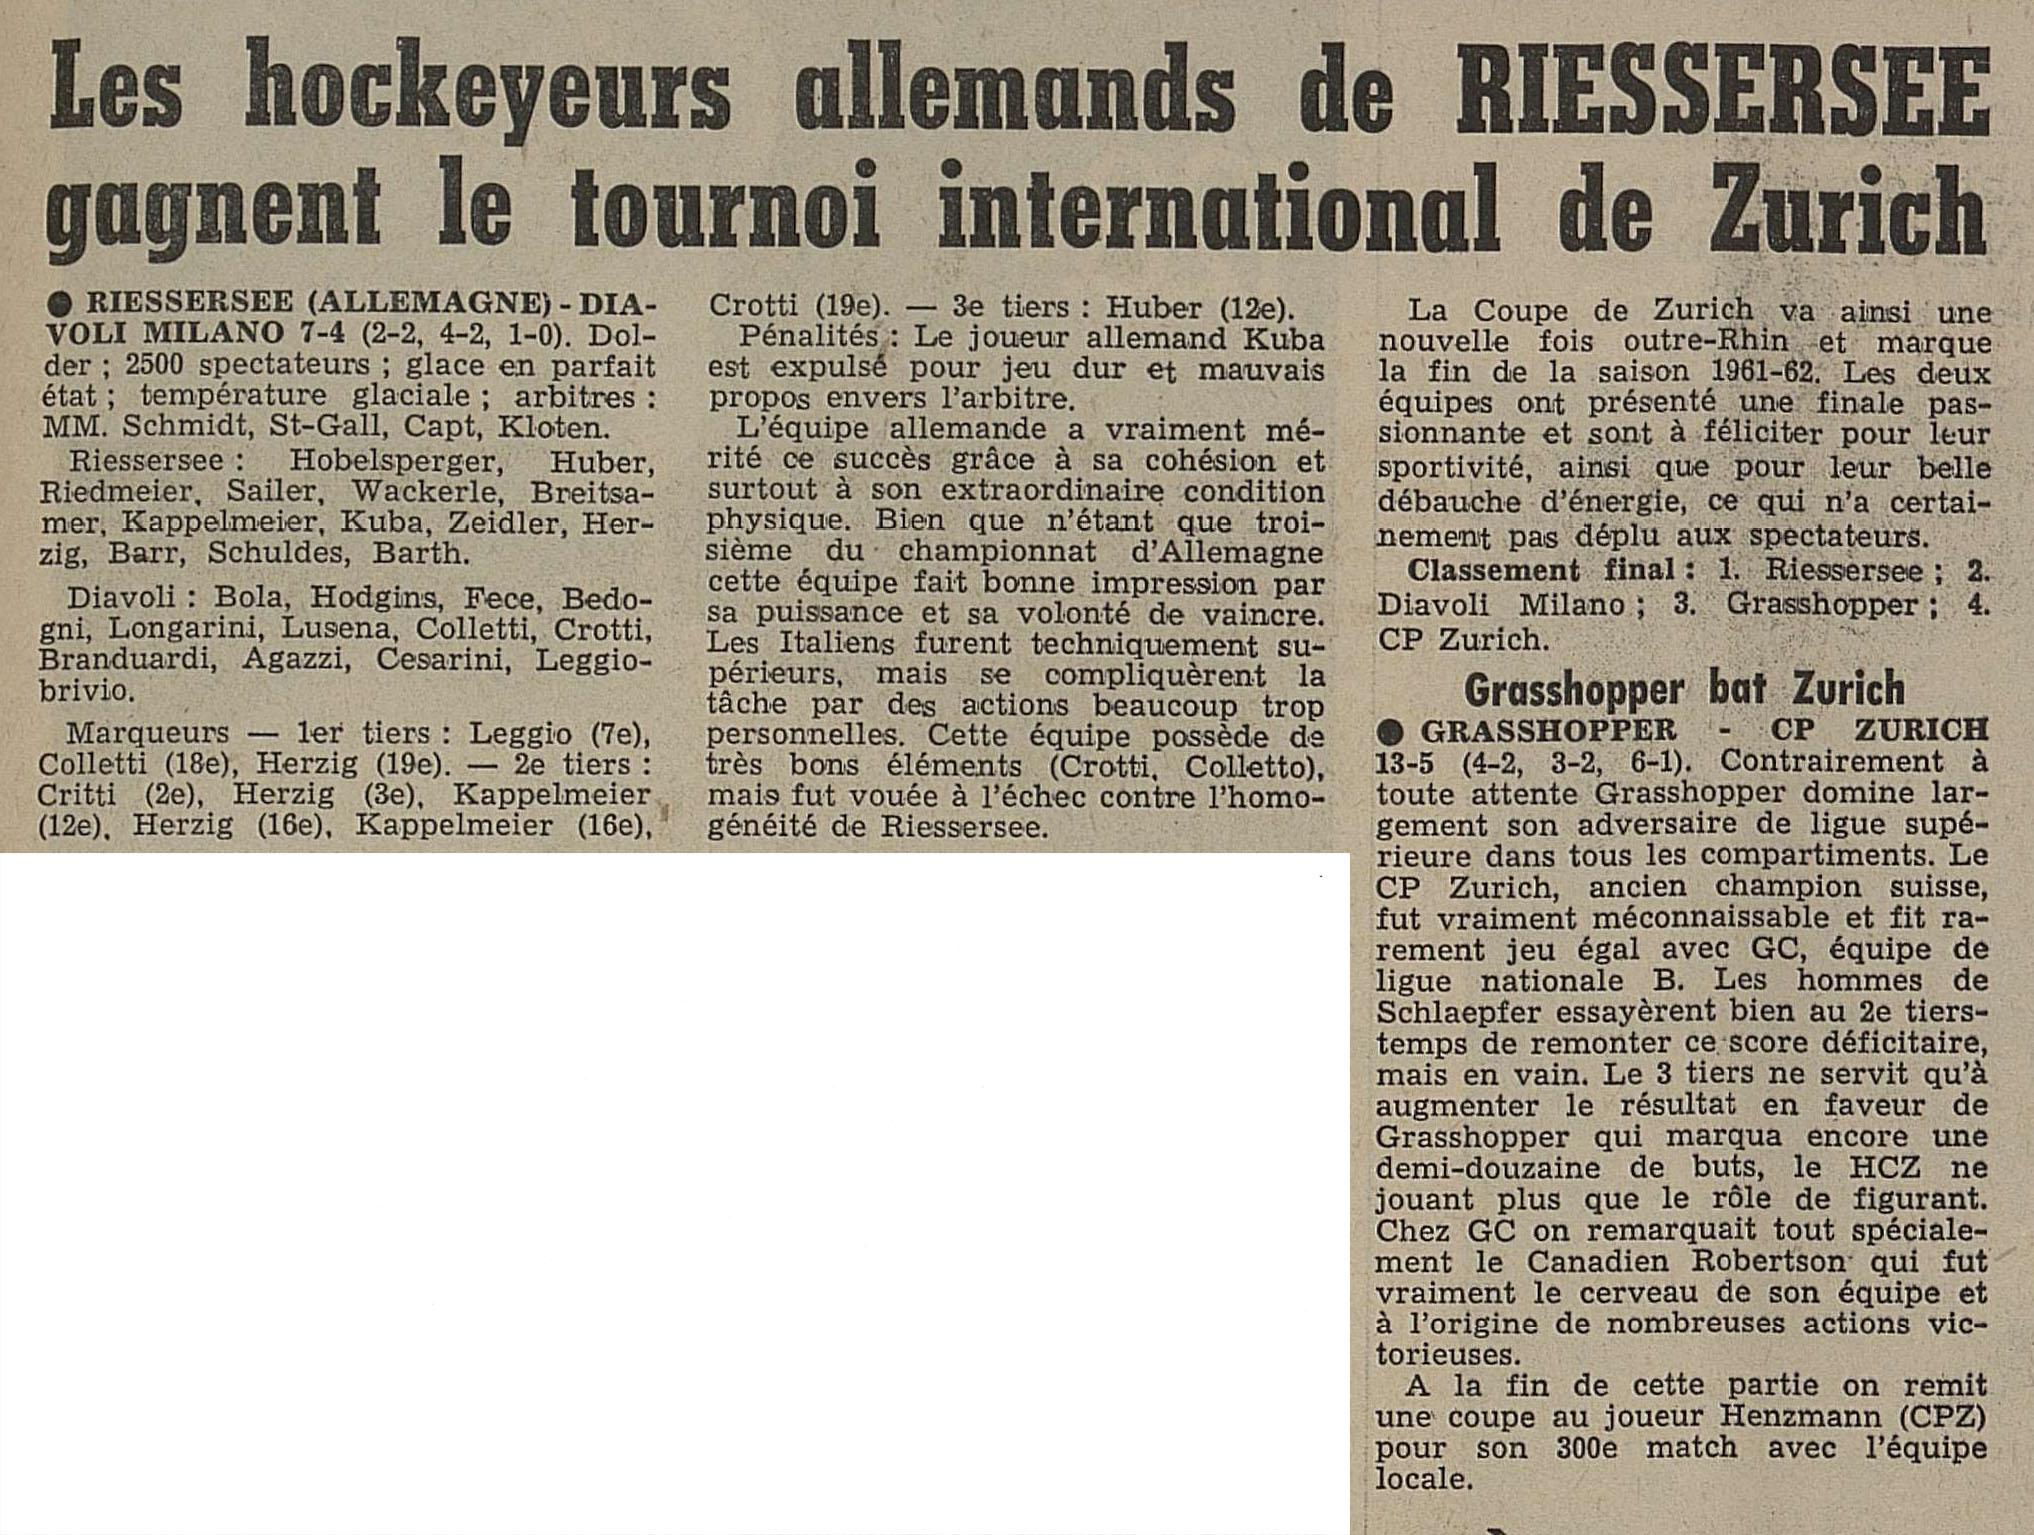 Le Matin - Tribune de Lausanne_19620226_1k2d6d.jpg